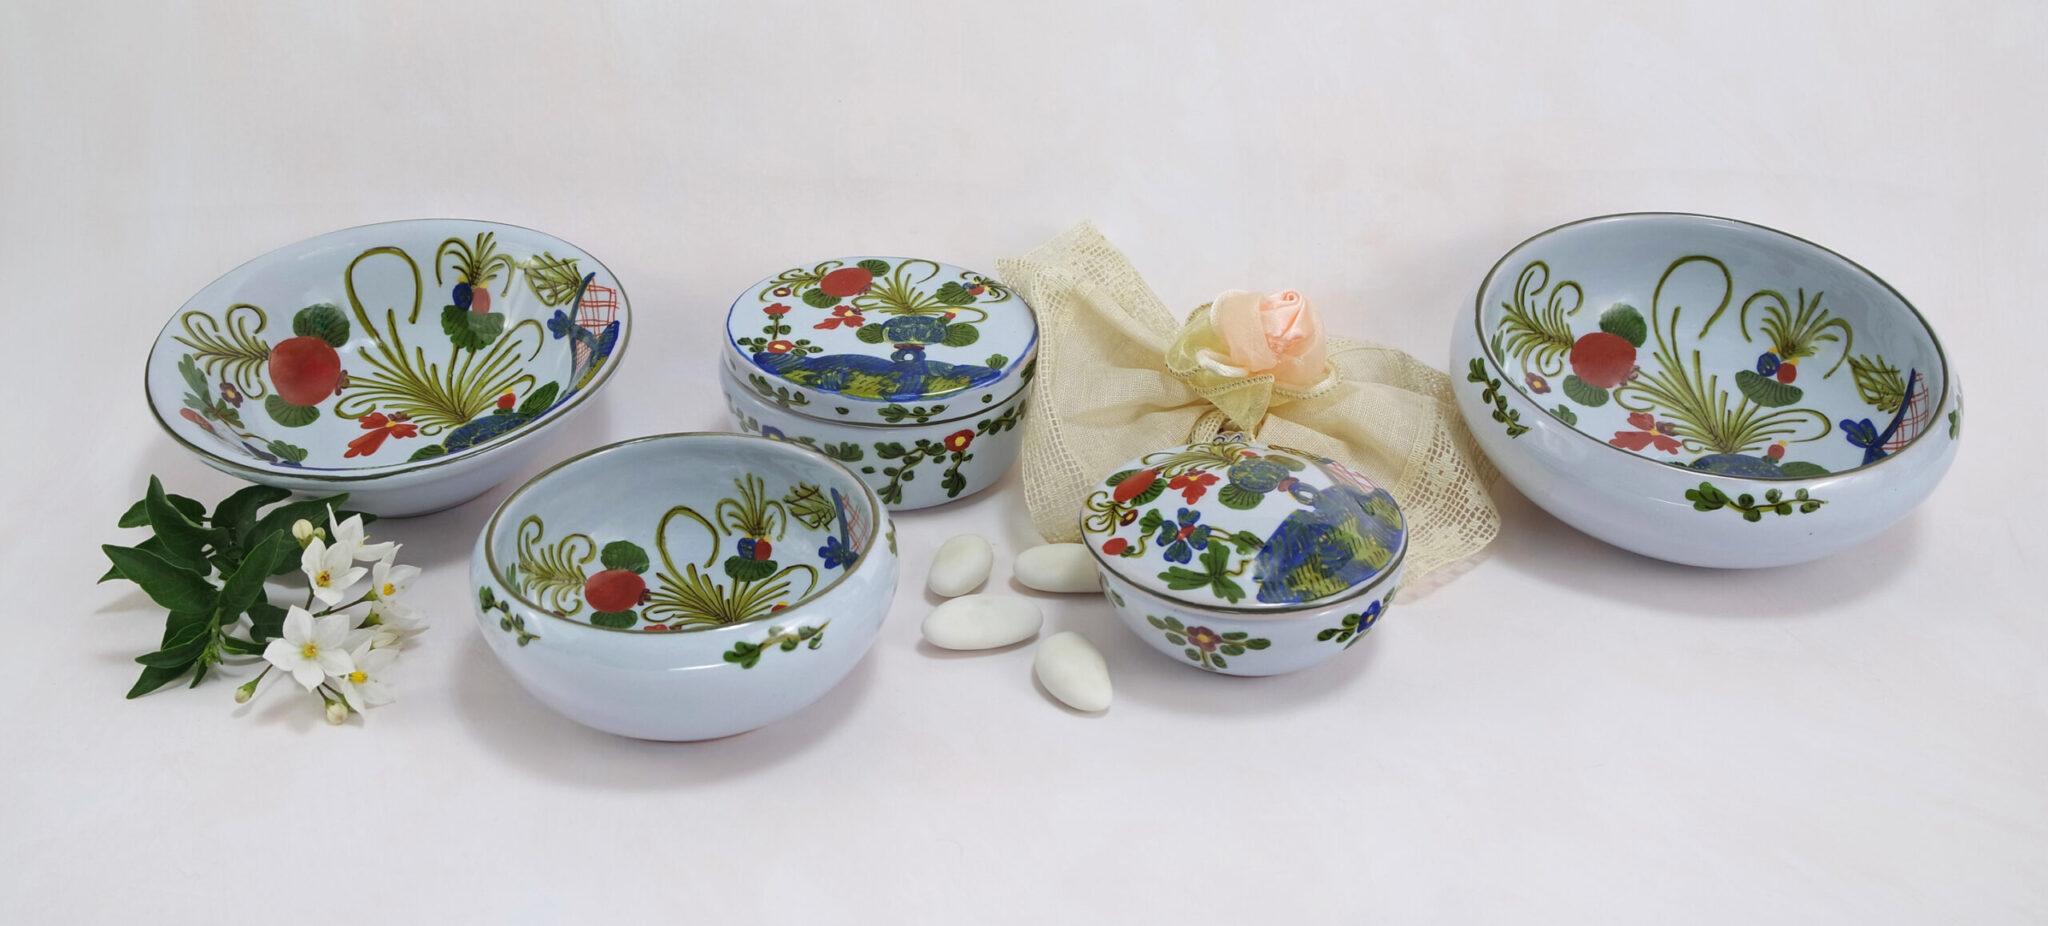 composizione di bomboniere tradizionali in ceramica di Faenza decorate a Garofano